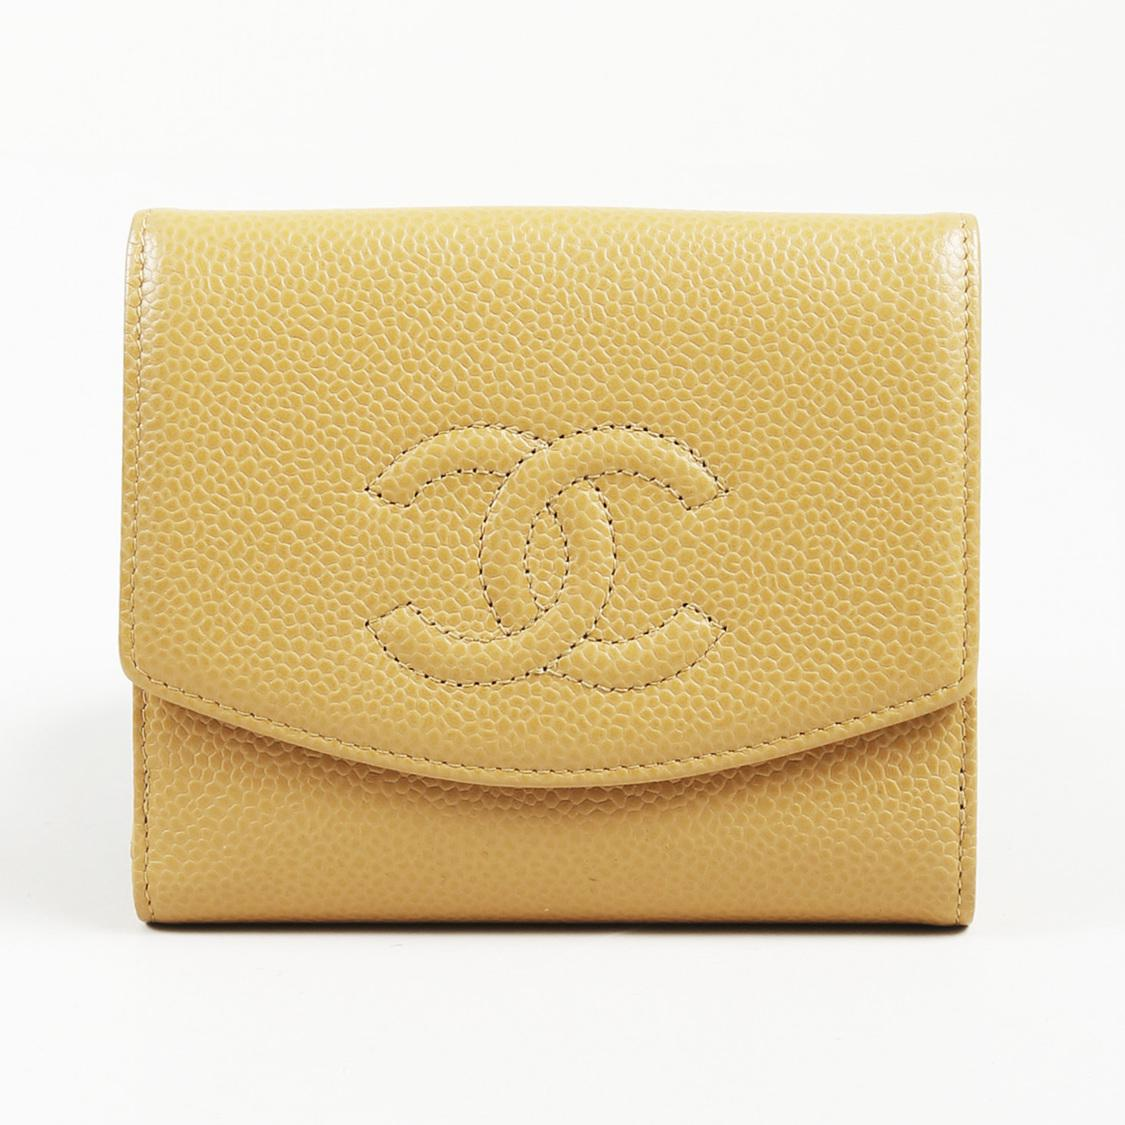 64f07554ea84 Chanel. Women's Brown